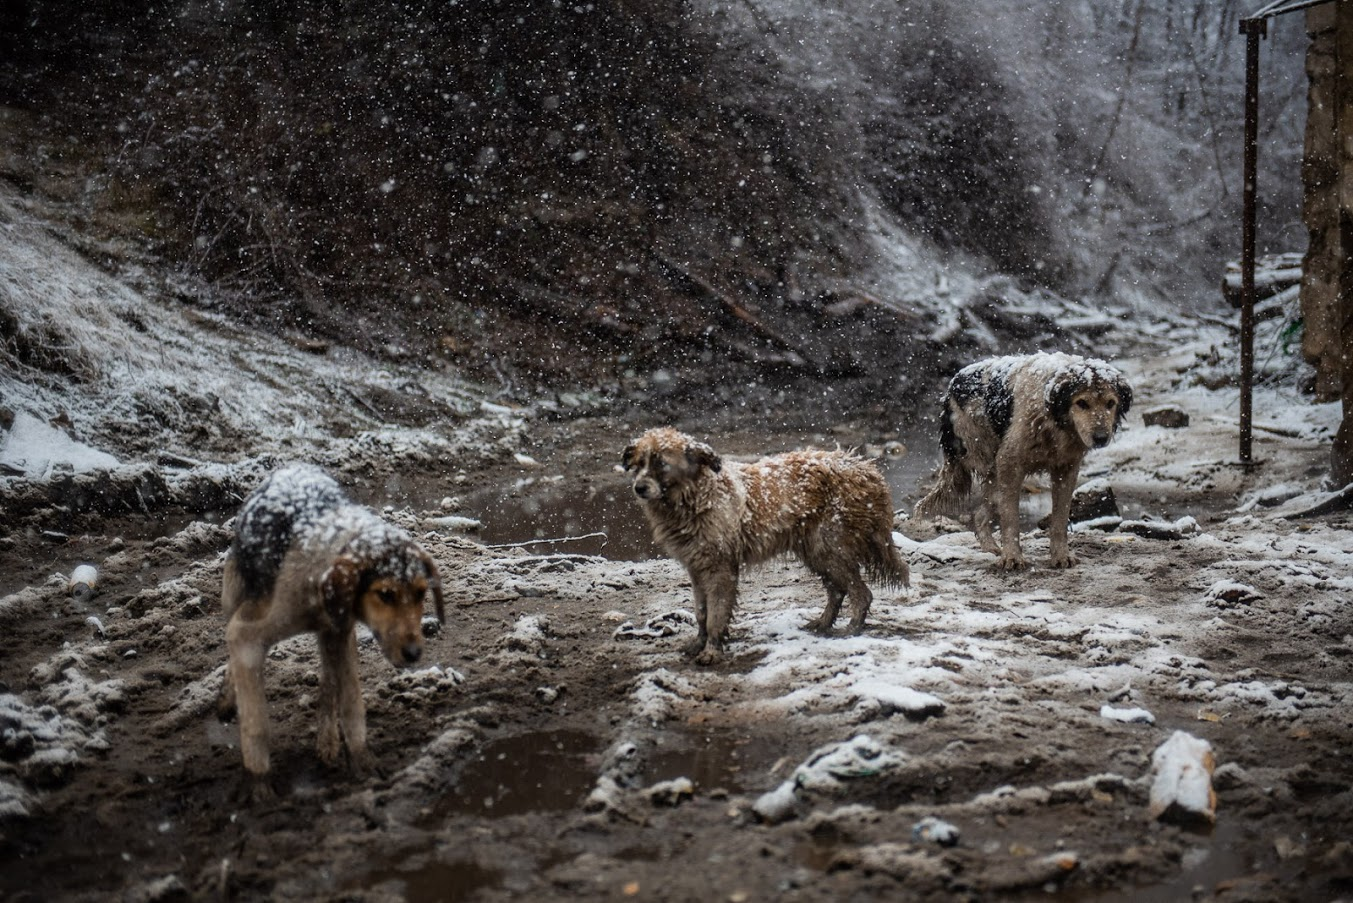 Протестующие за несколько месяцев своей акции приютили и подкармливают несколько бродячих собак. Фото: Мариам Никурадзе/OC Media